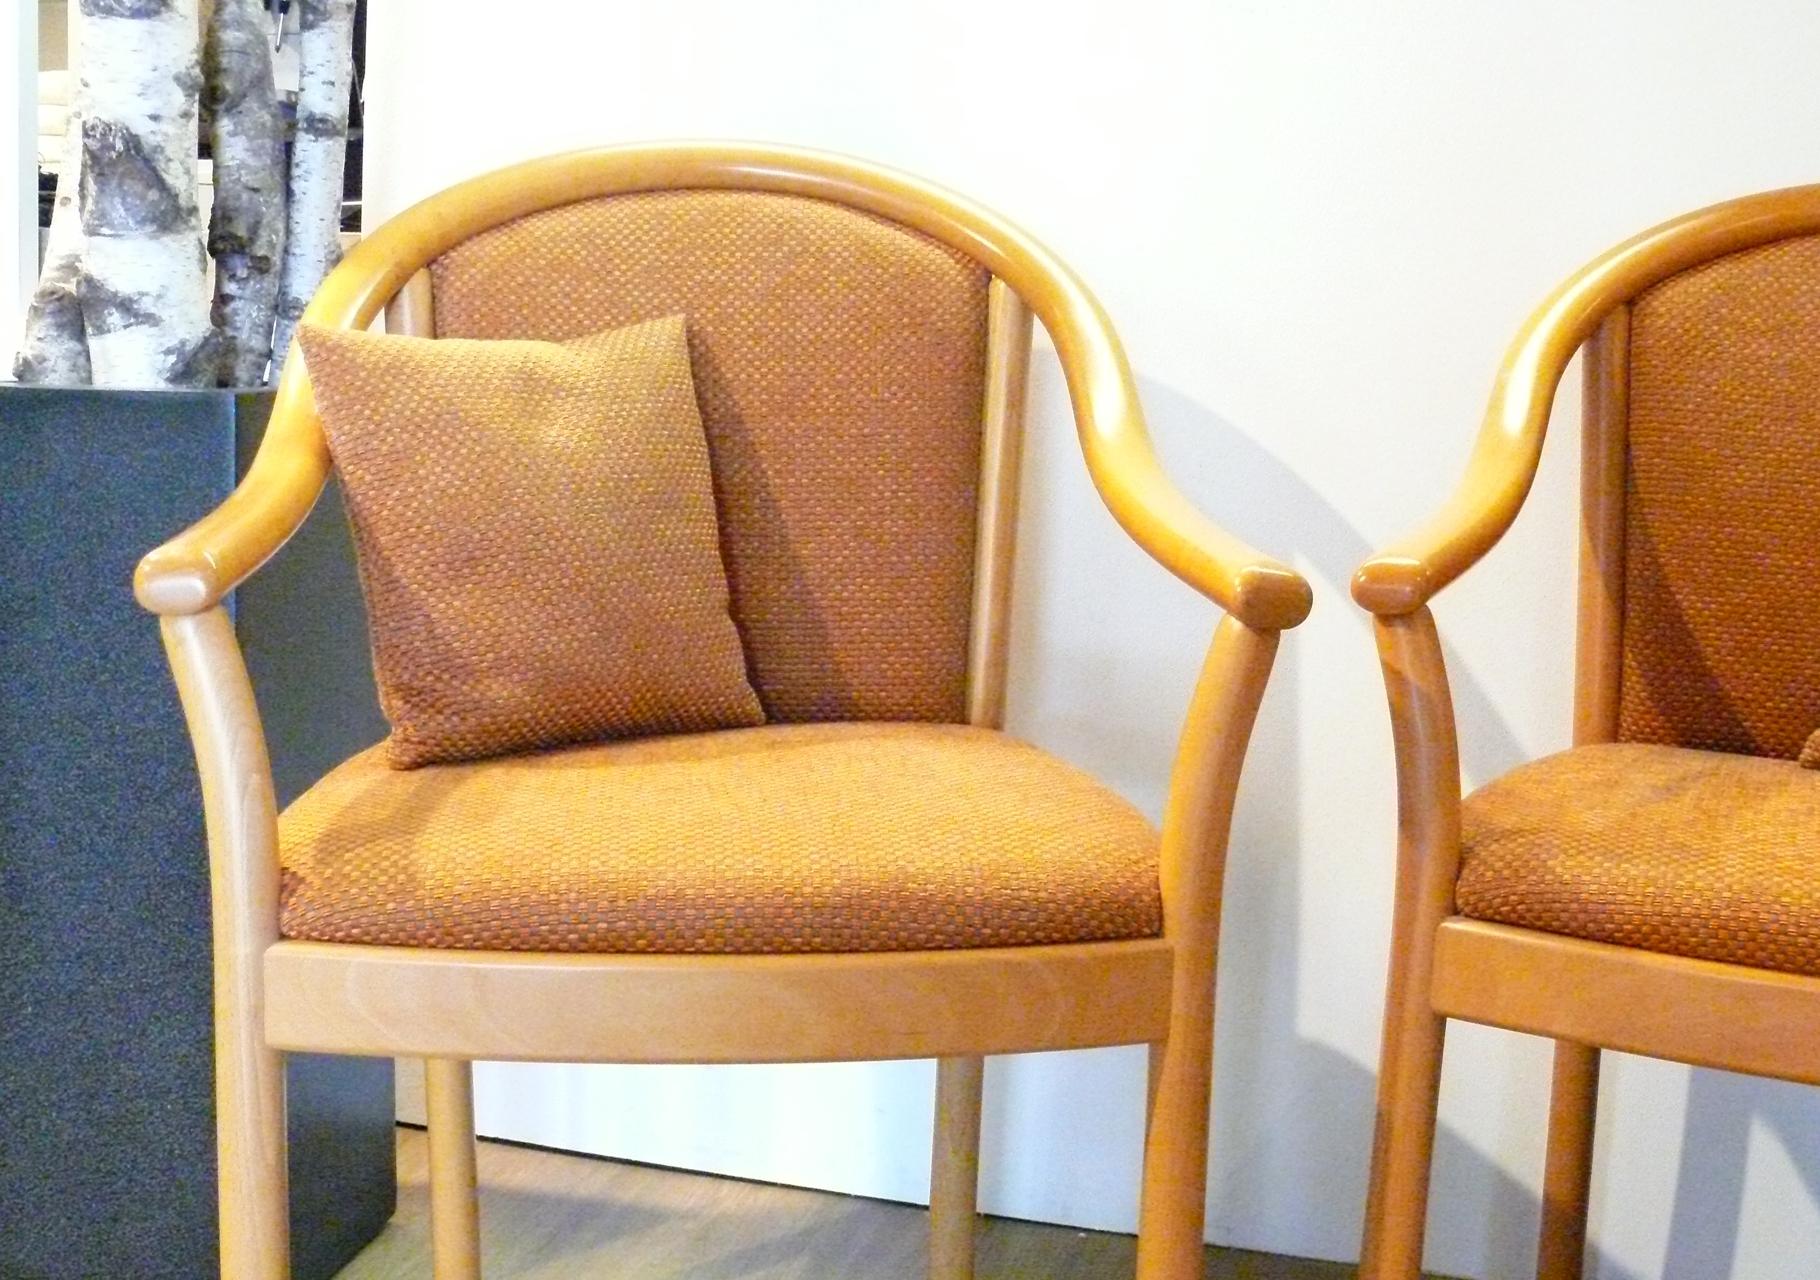 Stühle mit Rückenpolster